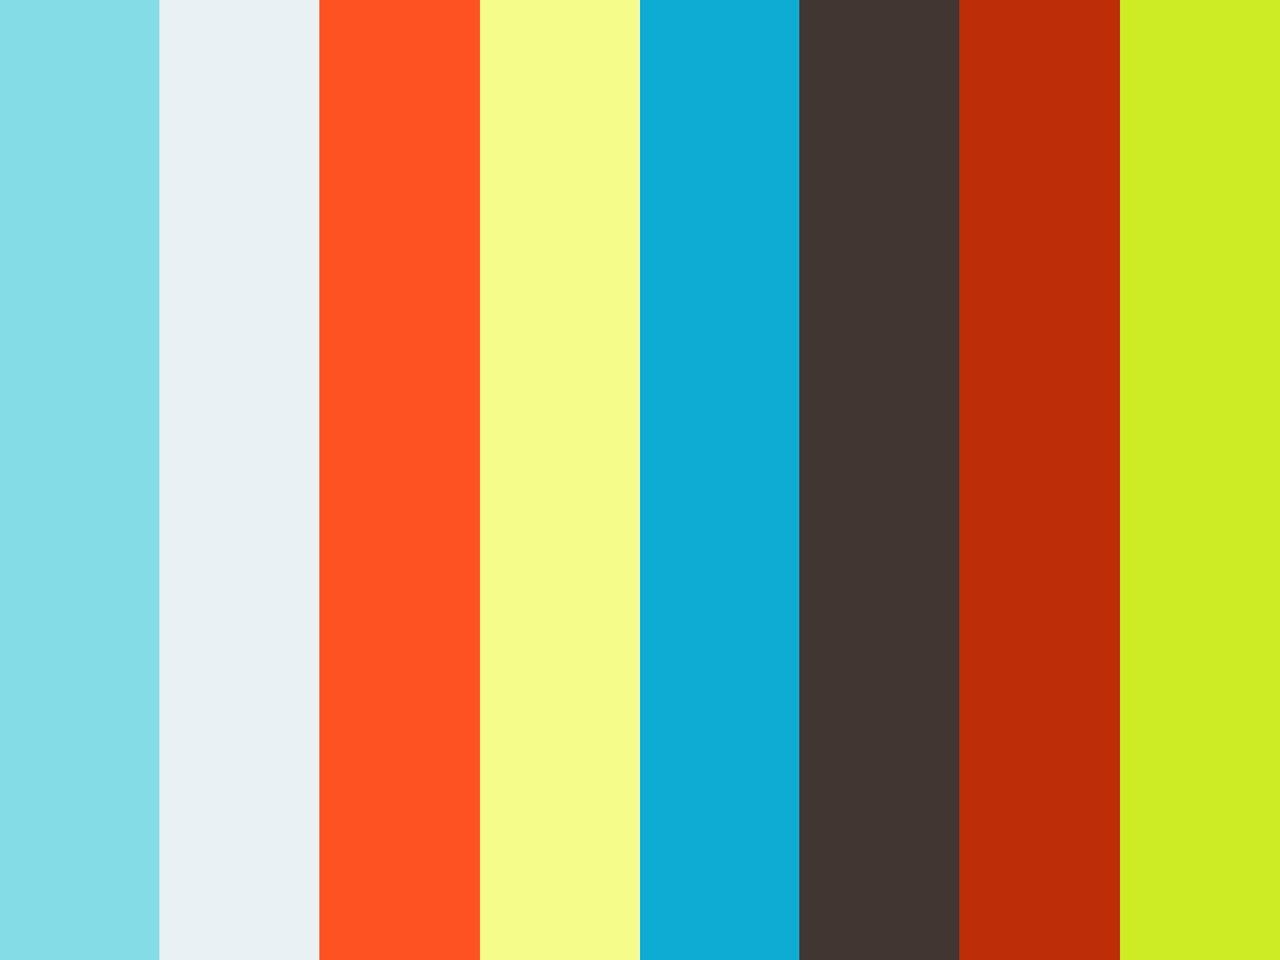 Stockhausen: Klavierstück IX